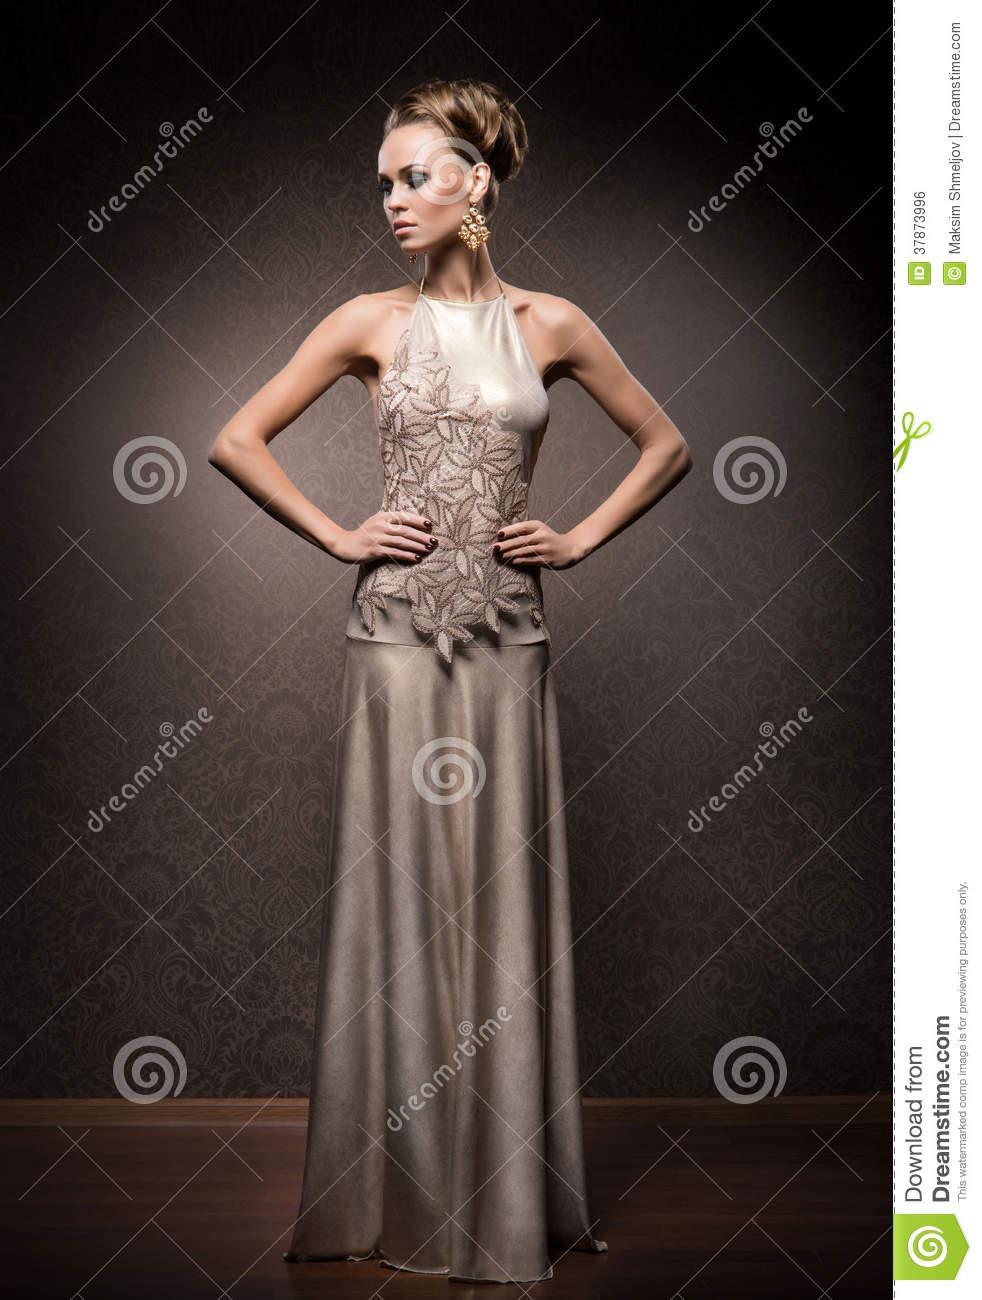 Formal Schön Only Abendkleid für 201915 Spektakulär Only Abendkleid Stylish